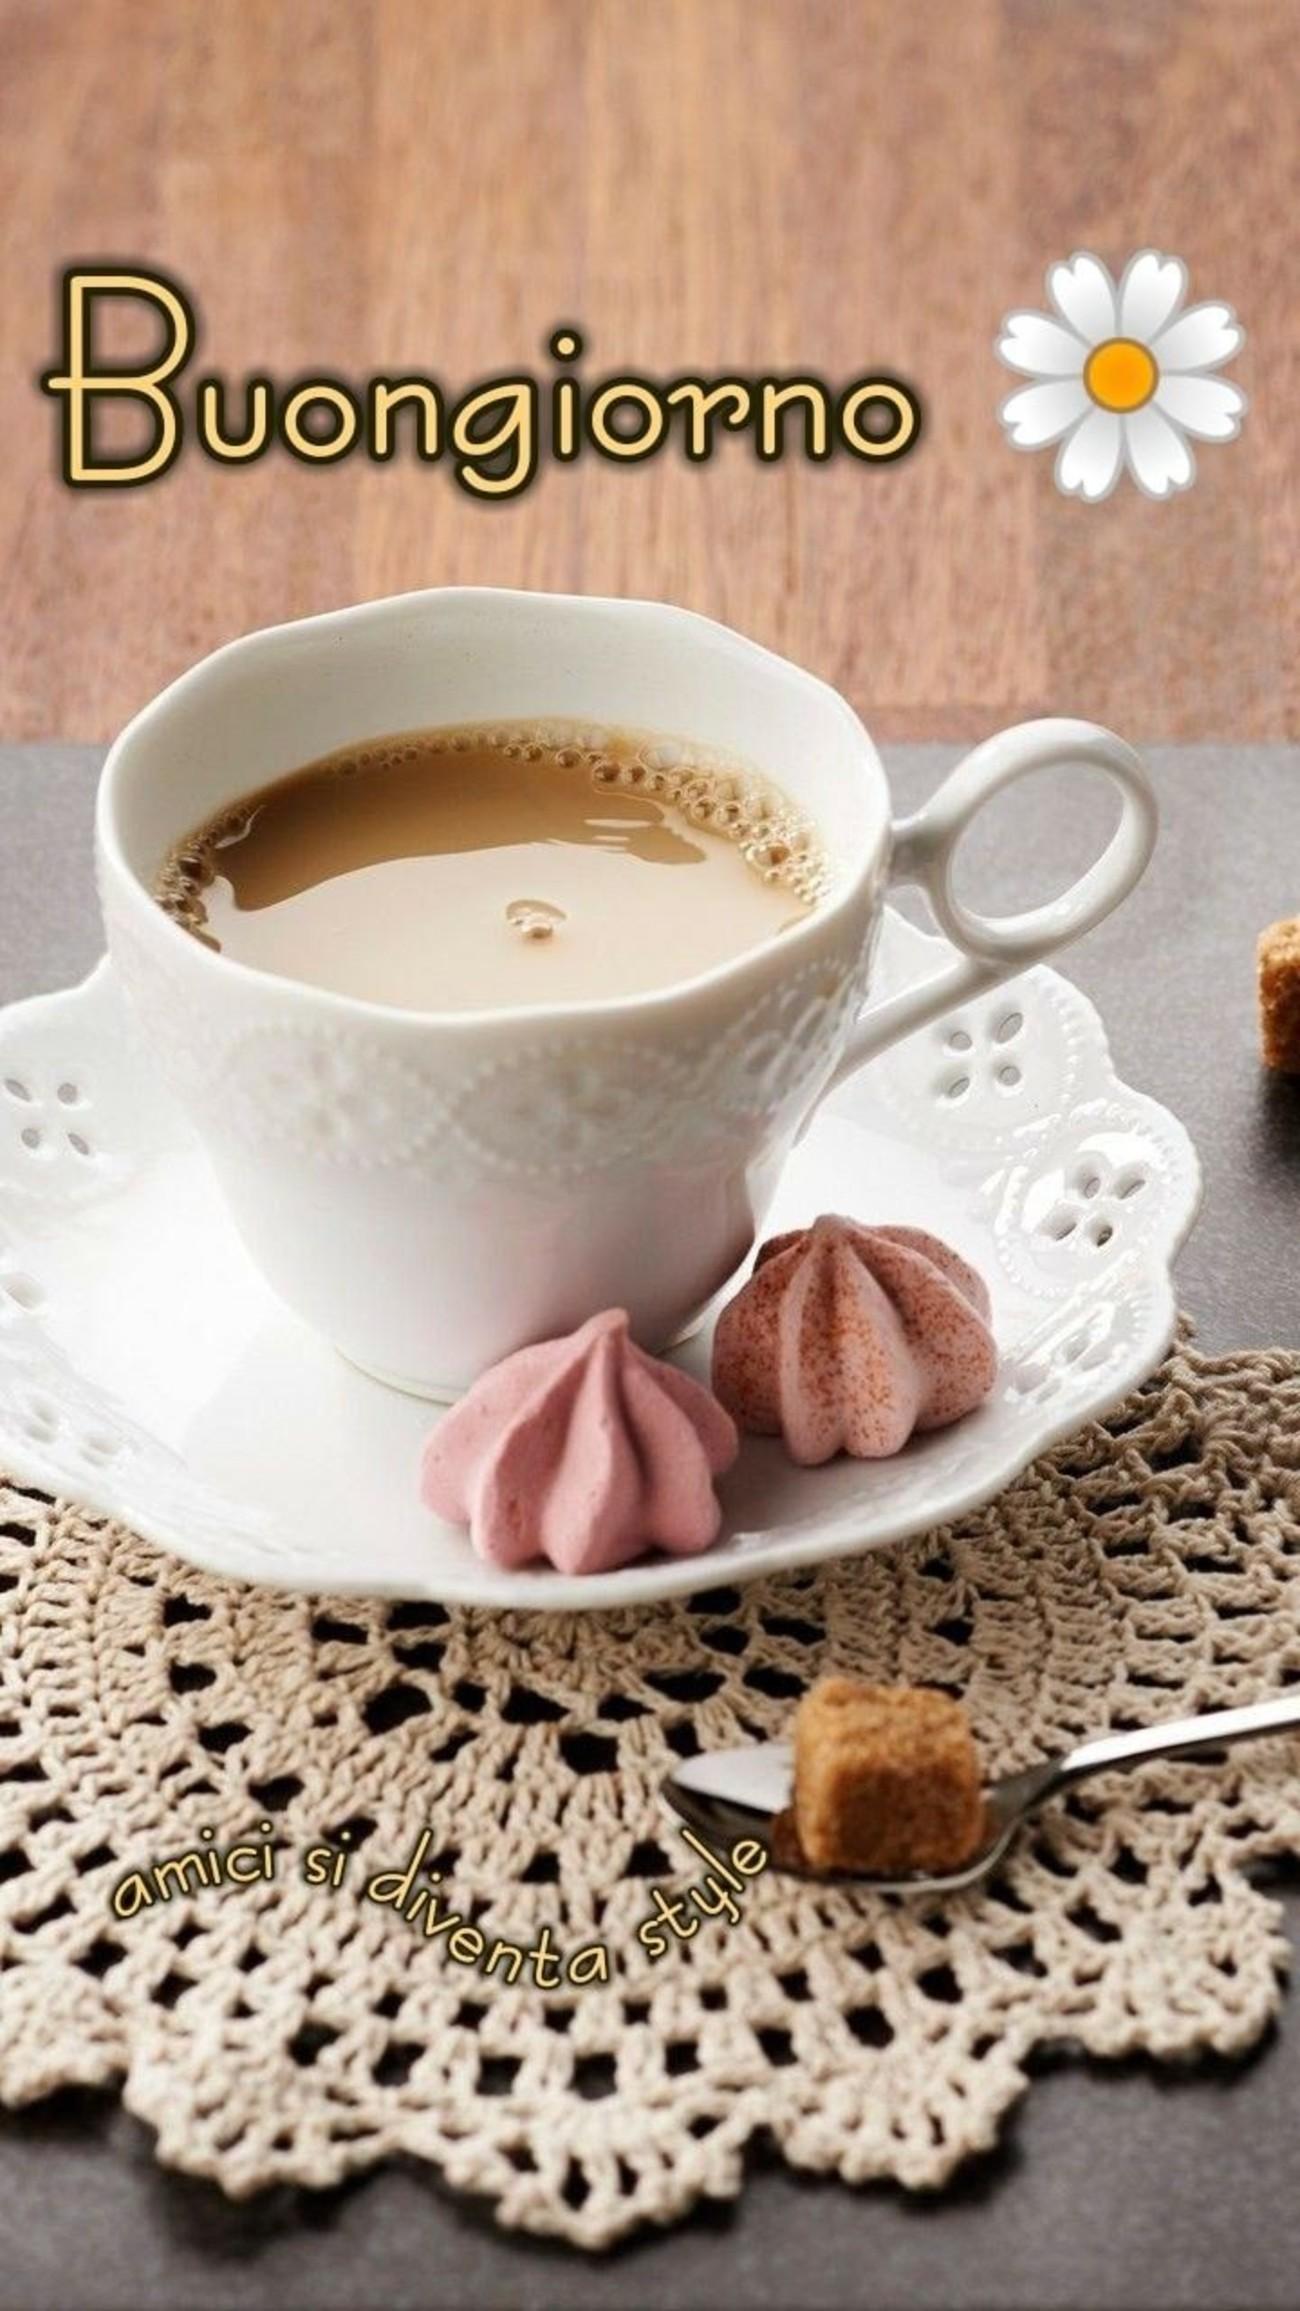 Immagini Buongiorno Con Caffè Immaginifacebookit